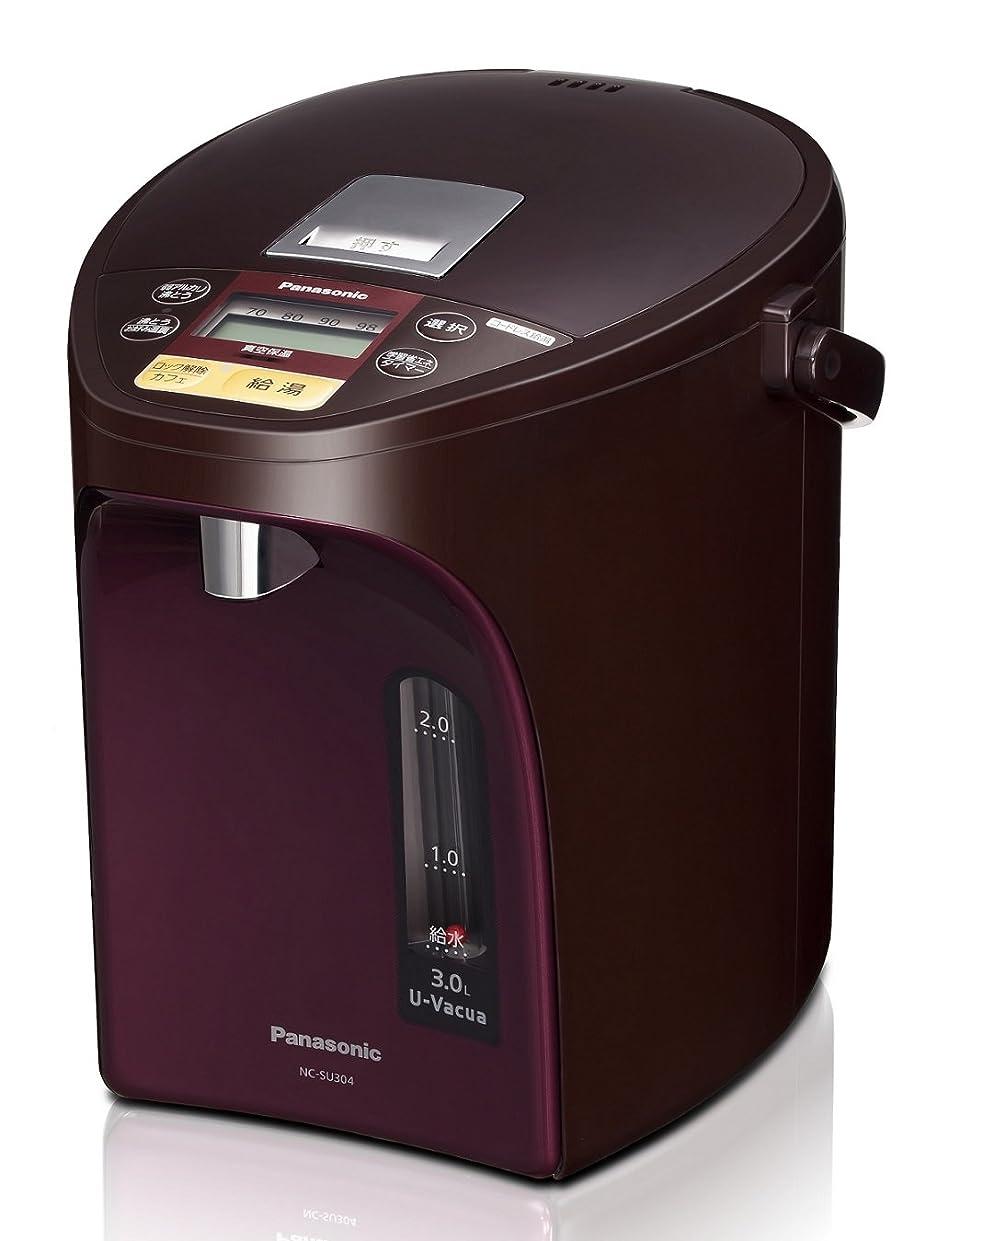 追跡柔らかさ破壊的なパナソニック 電気ポット 3.0L 真空断熱 省エネ保温 お好み温度調節 給湯量(4段階+コーヒー用) コードレス給湯 ブラウン NC-SU304-T